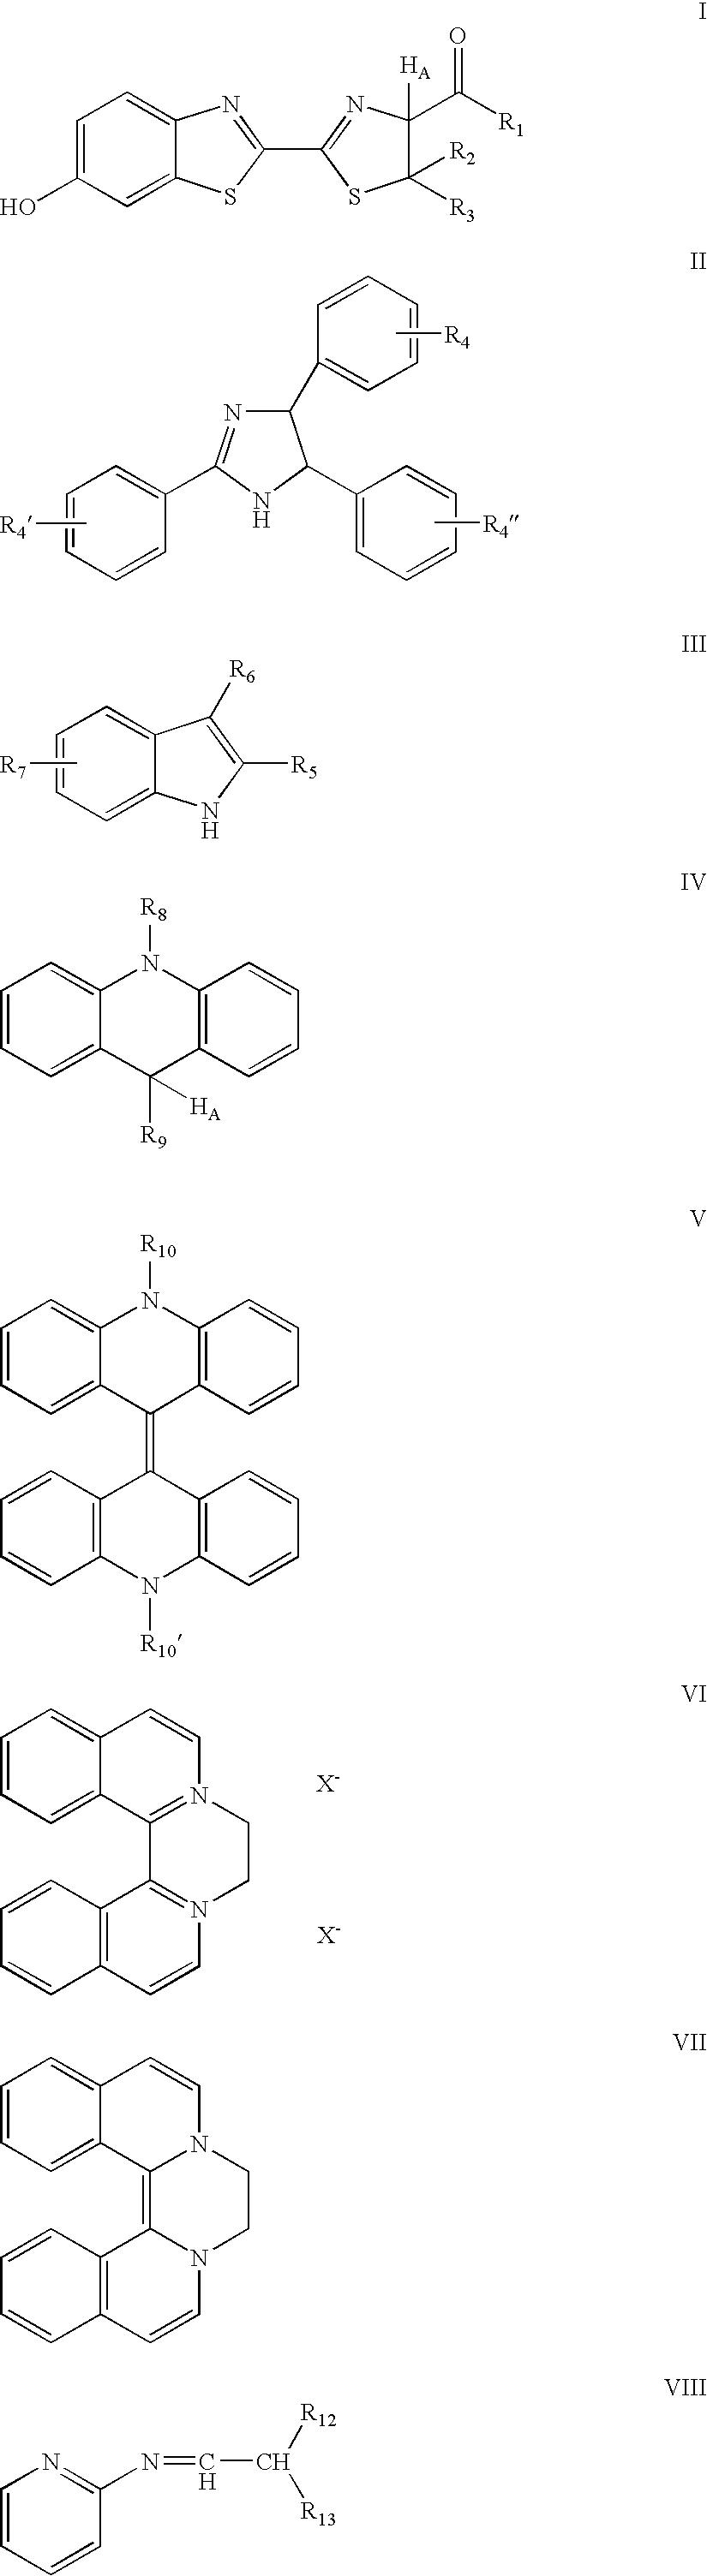 Figure US20070079722A1-20070412-C00012